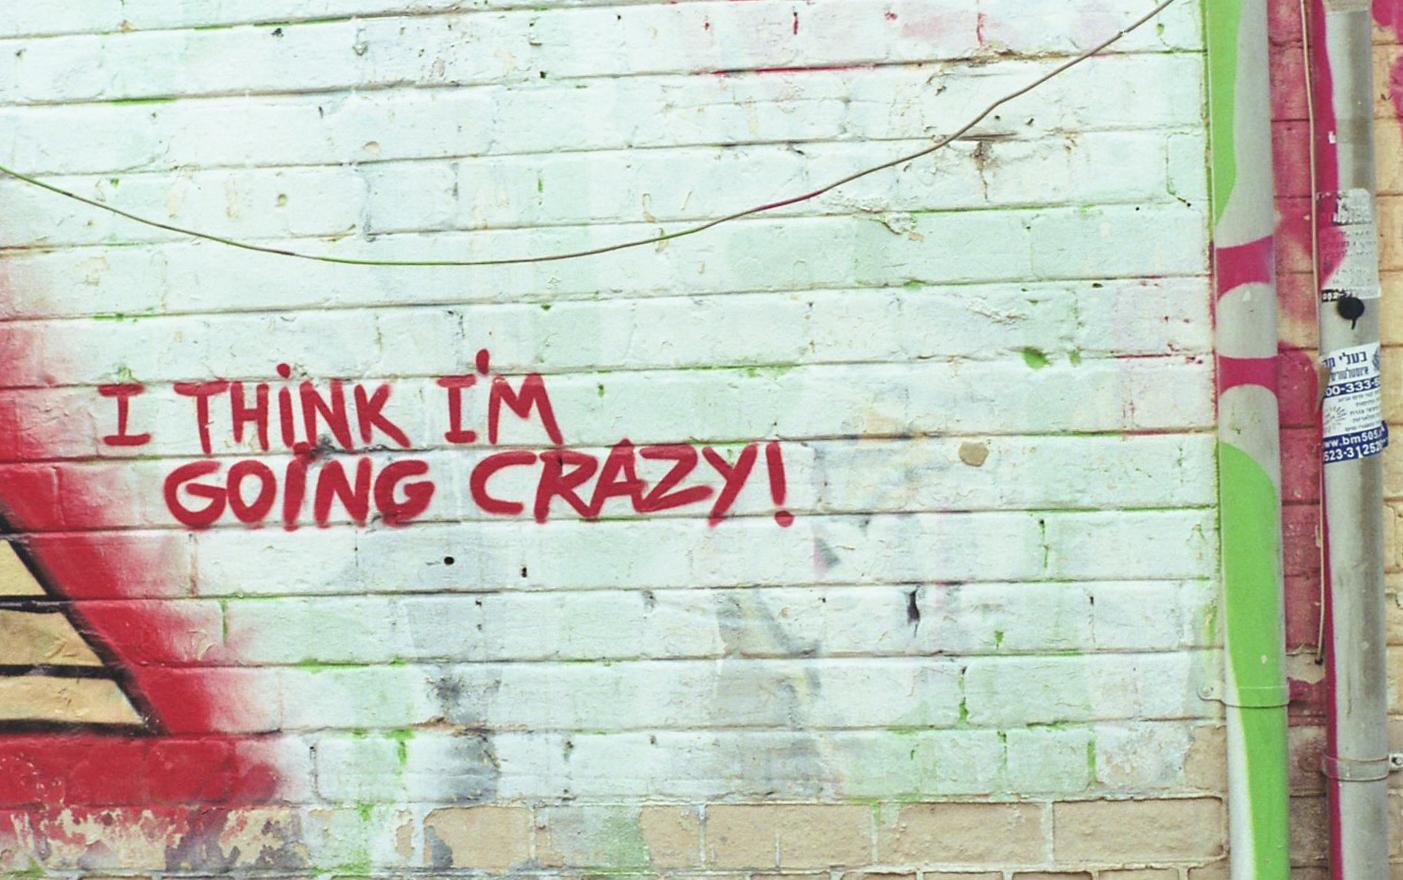 i think i'm going crazy